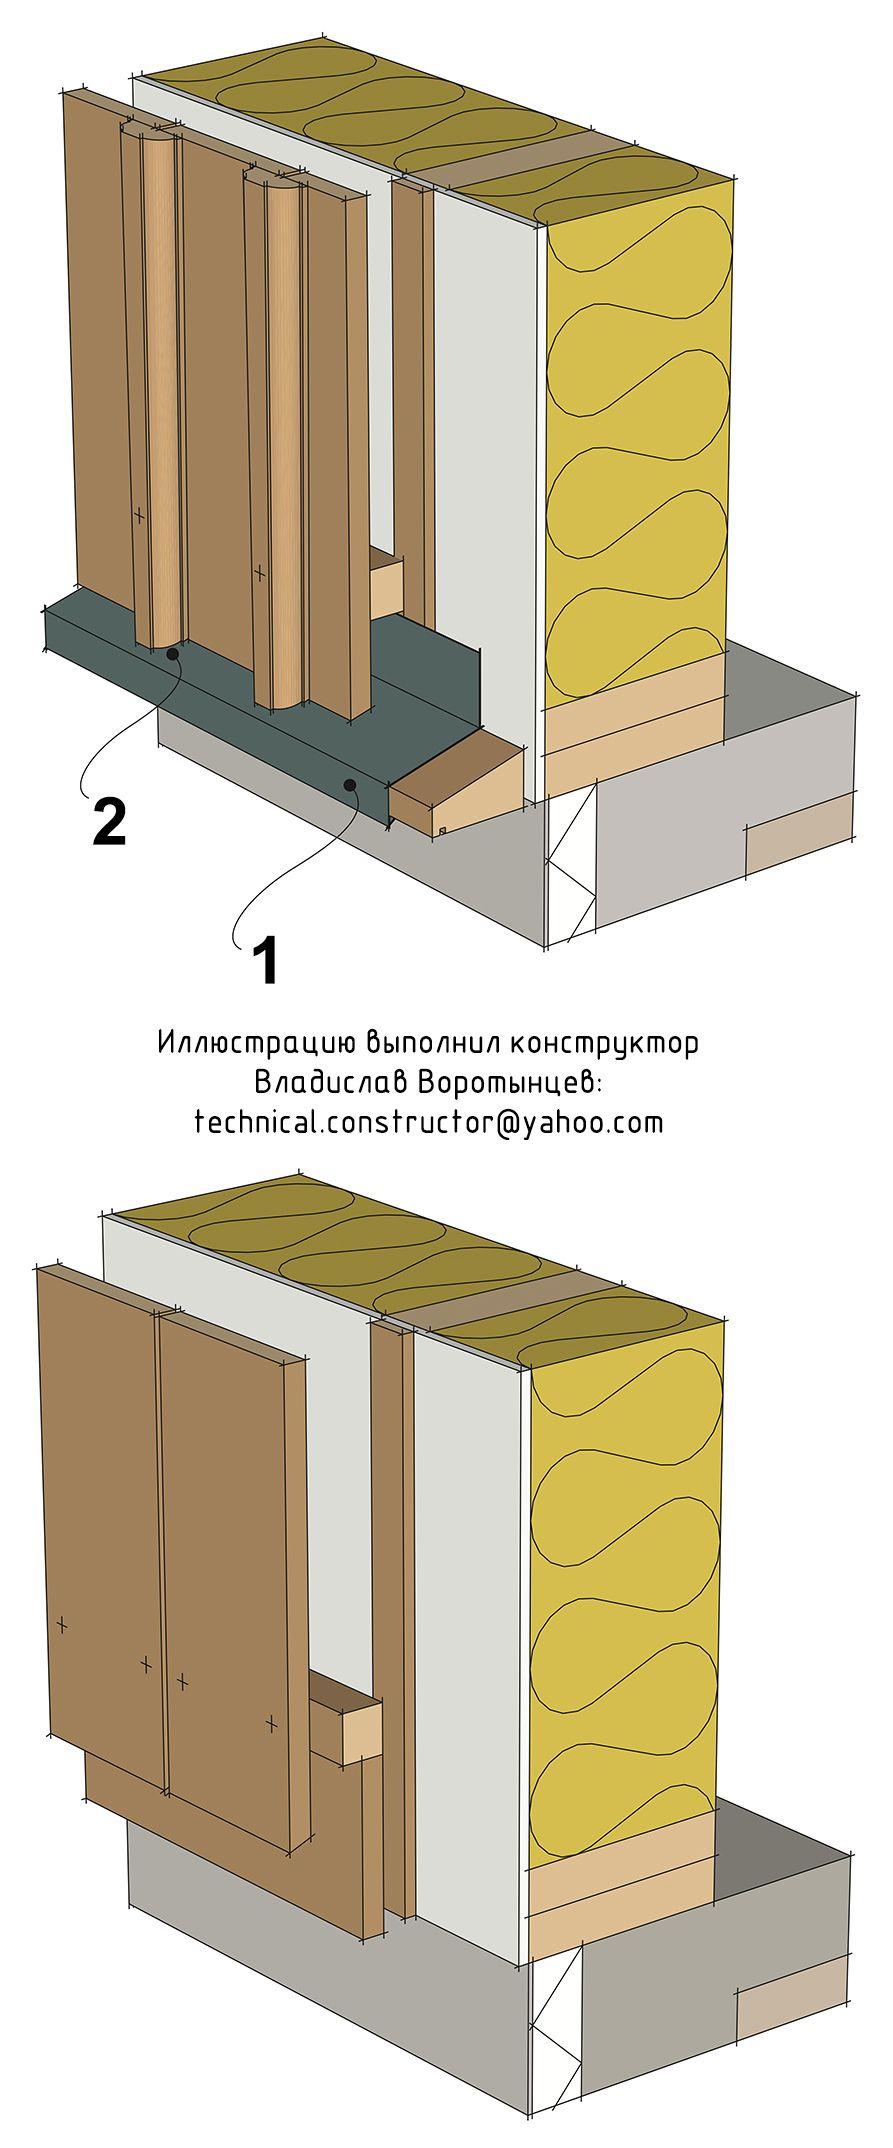 Альтернативные примеры монтажа вертикальной наружной обшивки у ...